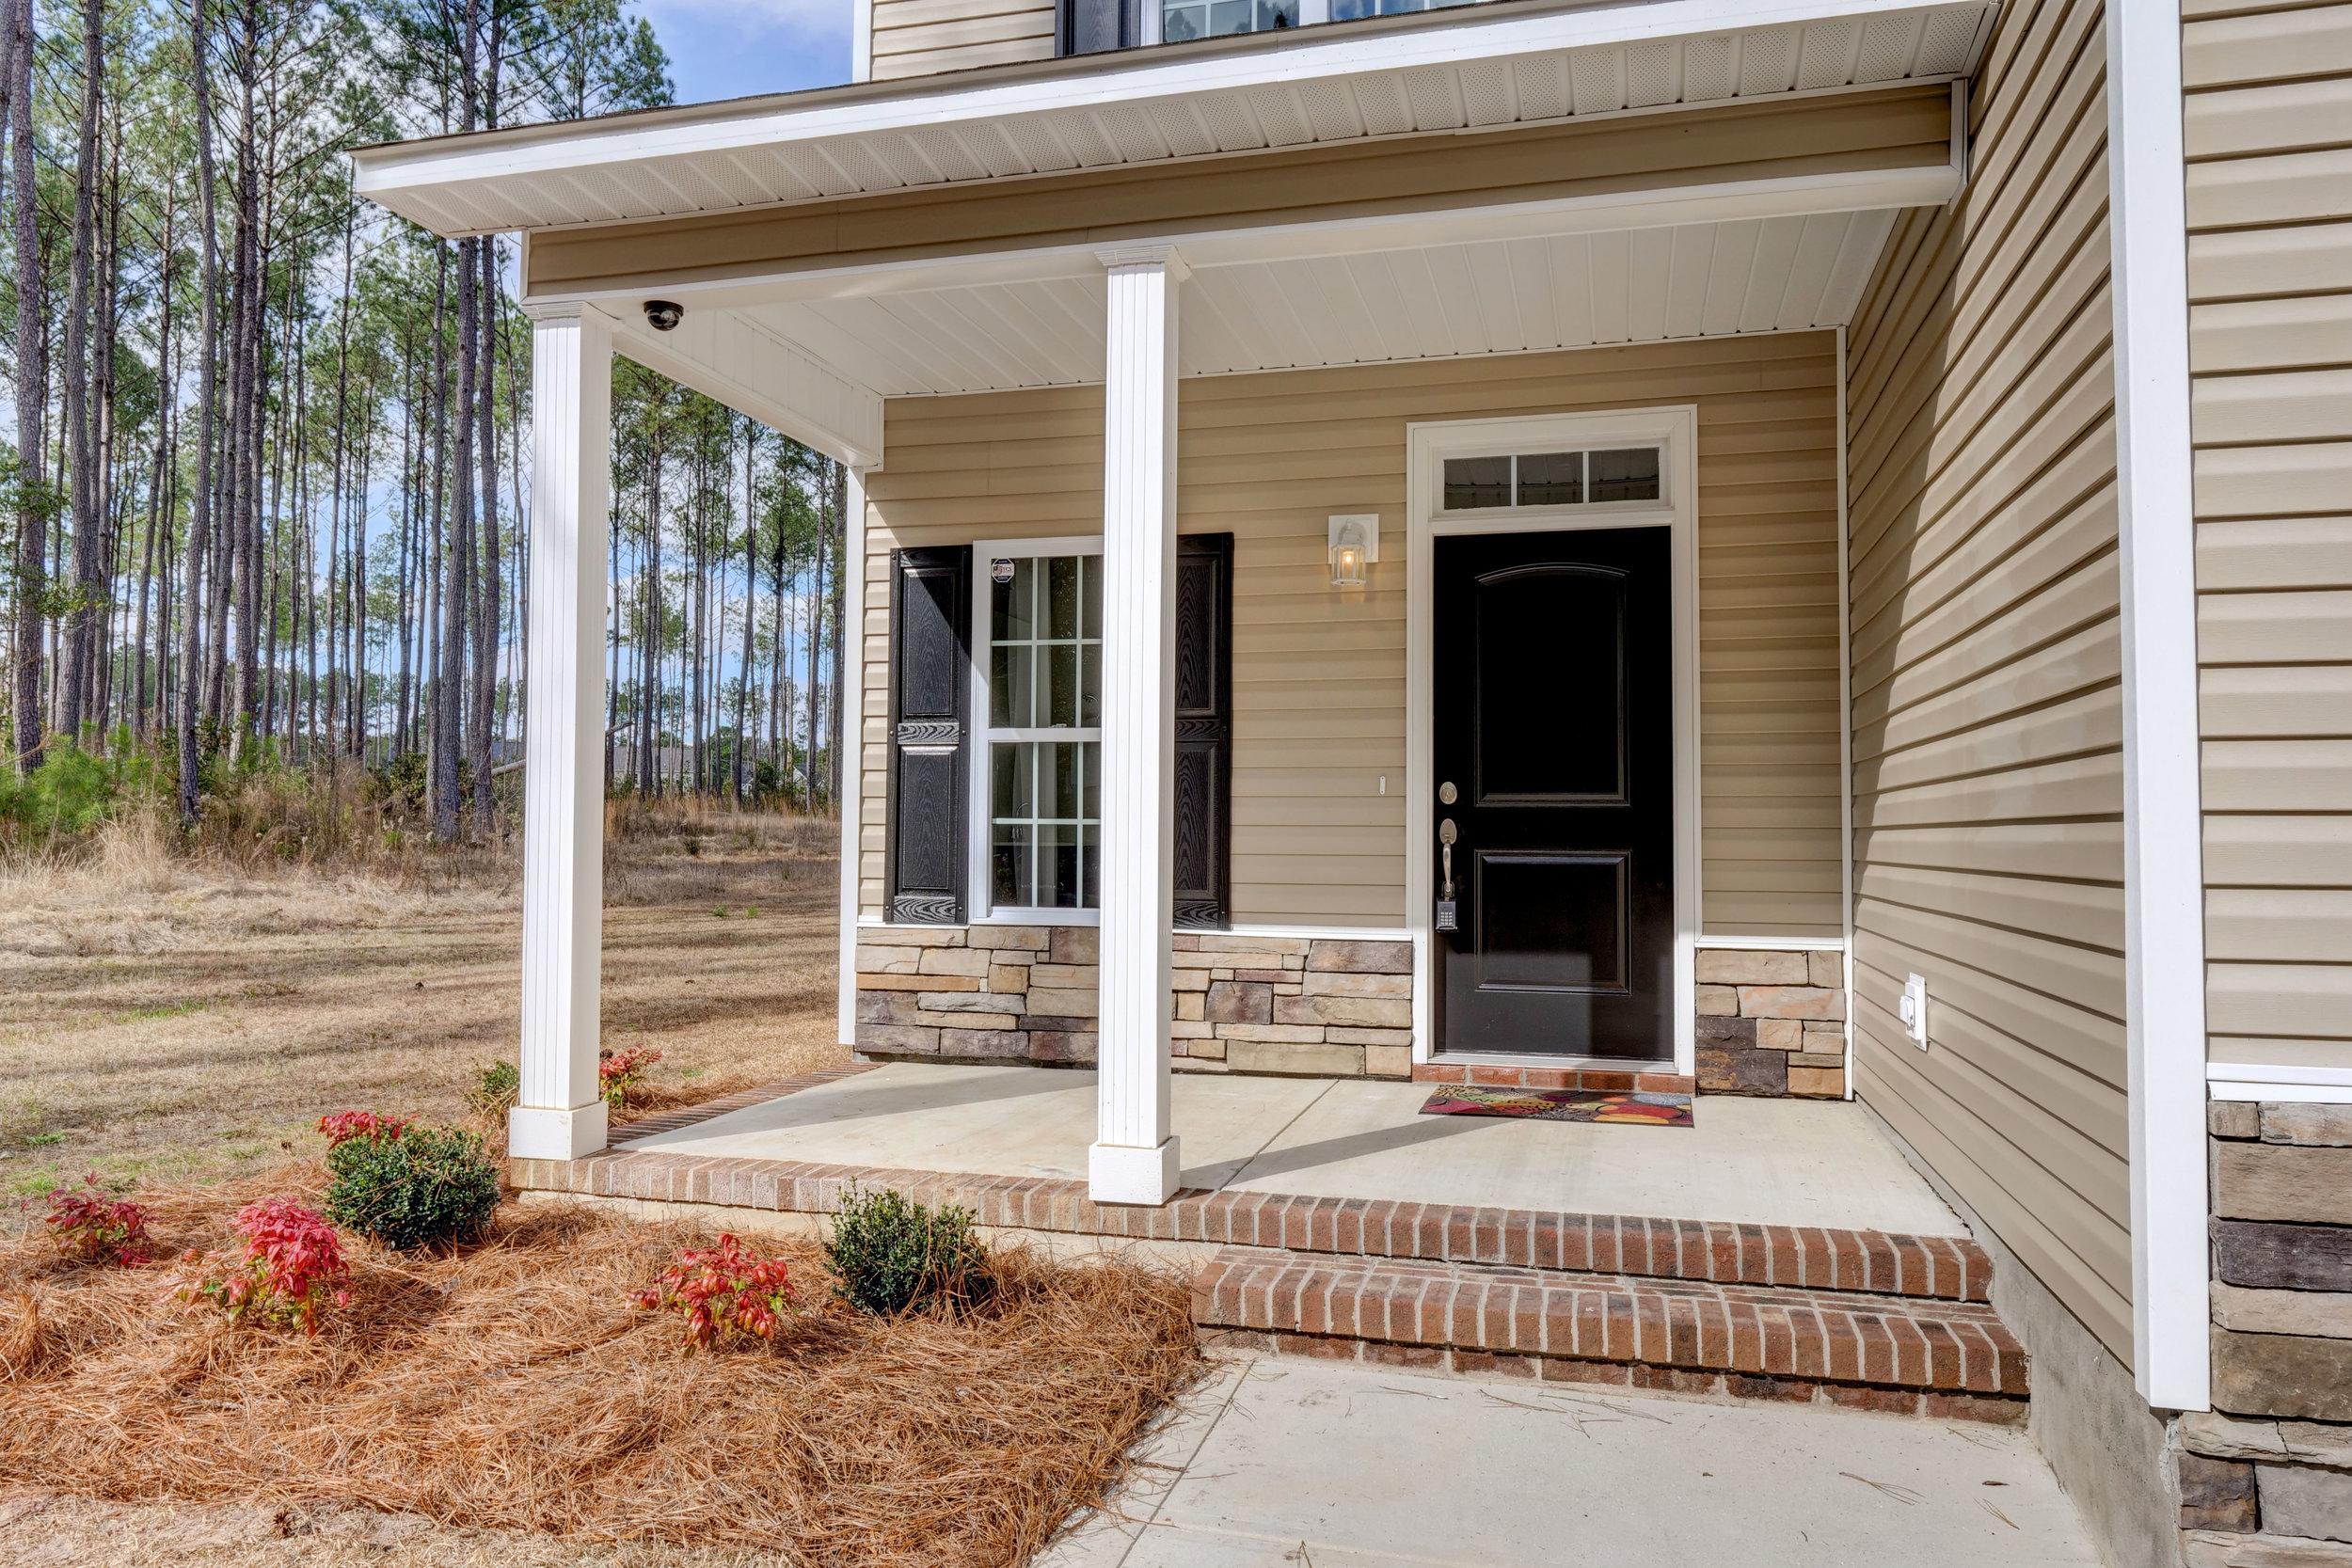 1390 Gould Rd Jacksonville NC-print-004-23-P1344007 08 09 10 11 12 13-4200x2800-300dpi.jpg